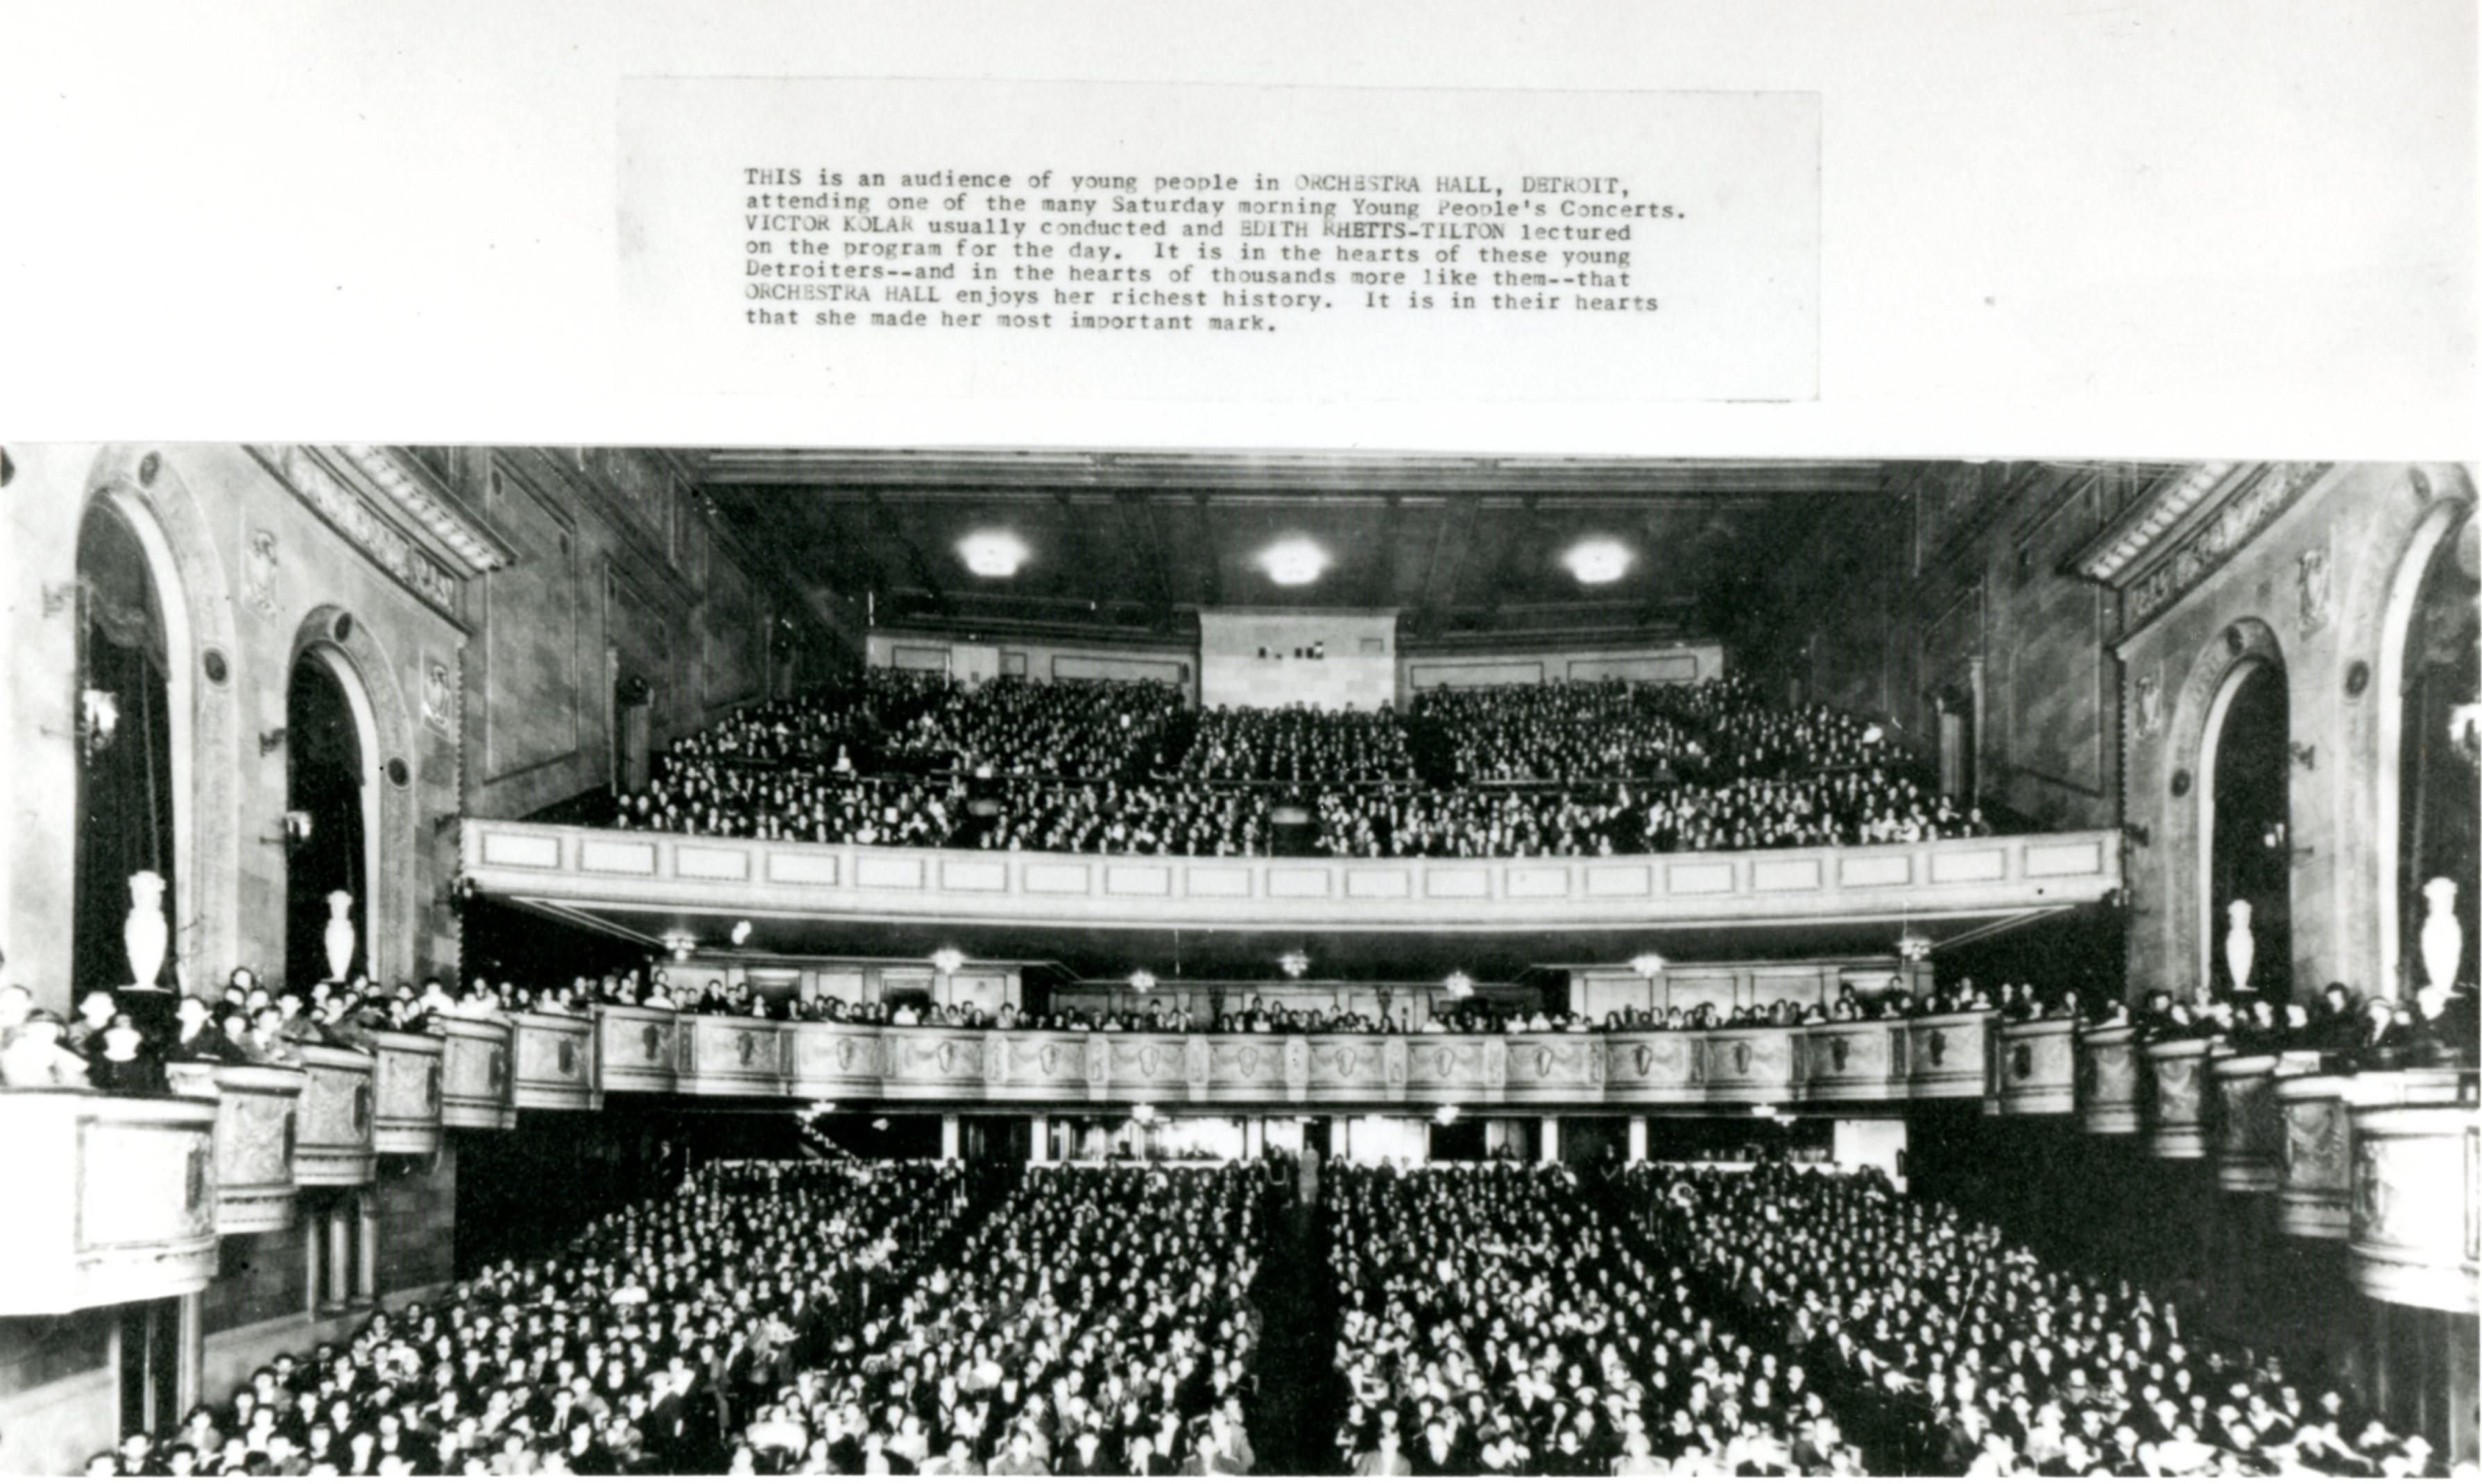 The Detroit Symphony Orchestra Wayne State University Press